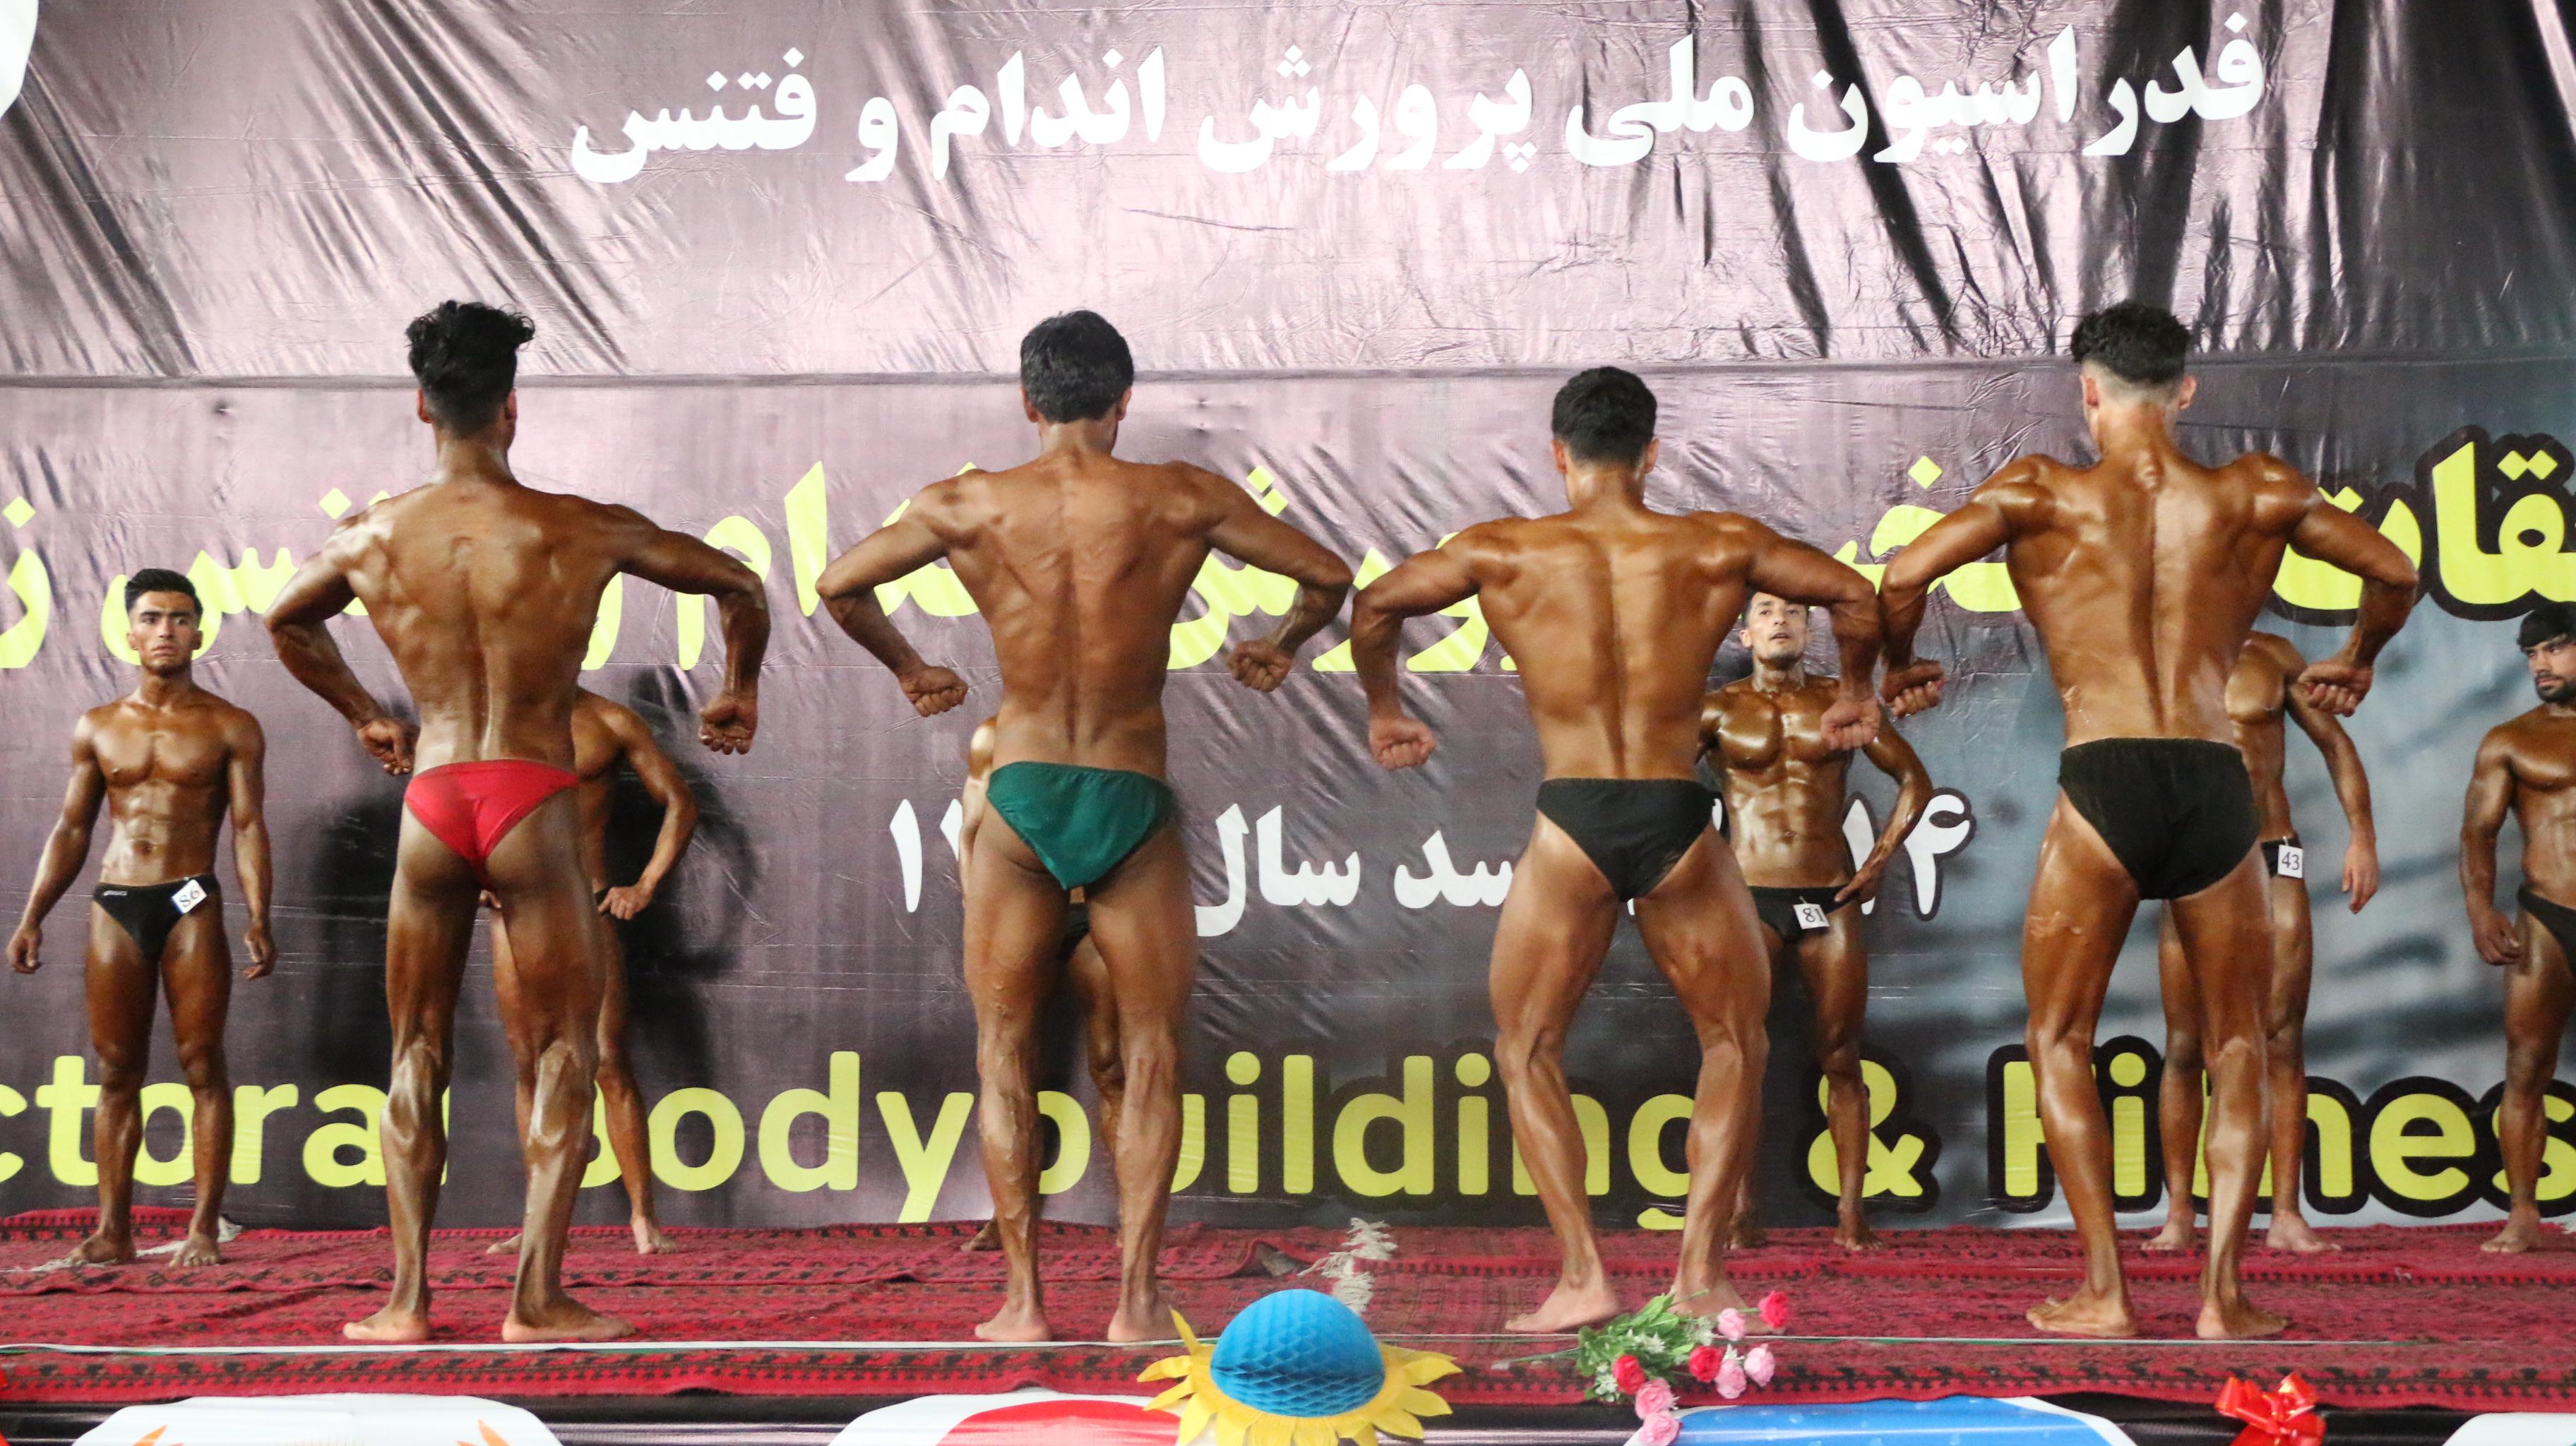 چهاردهمین دور رقابتهای منتخبه پرورش اندام در کابل